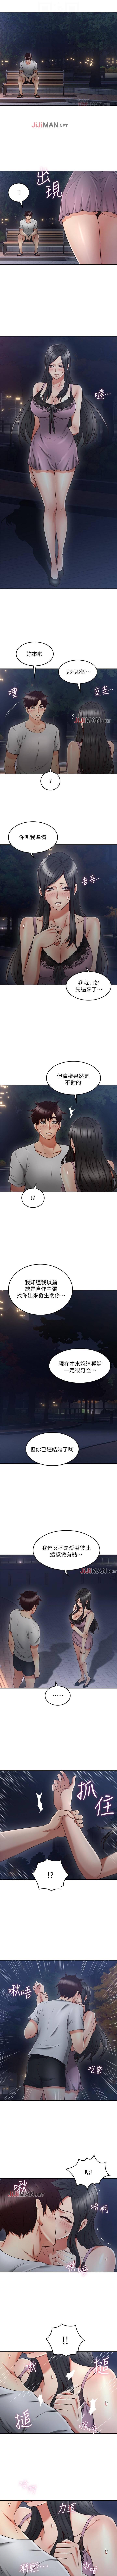 【周六更新】邻居人妻(作者:李周元 & 頸枕) 第1~50话 212